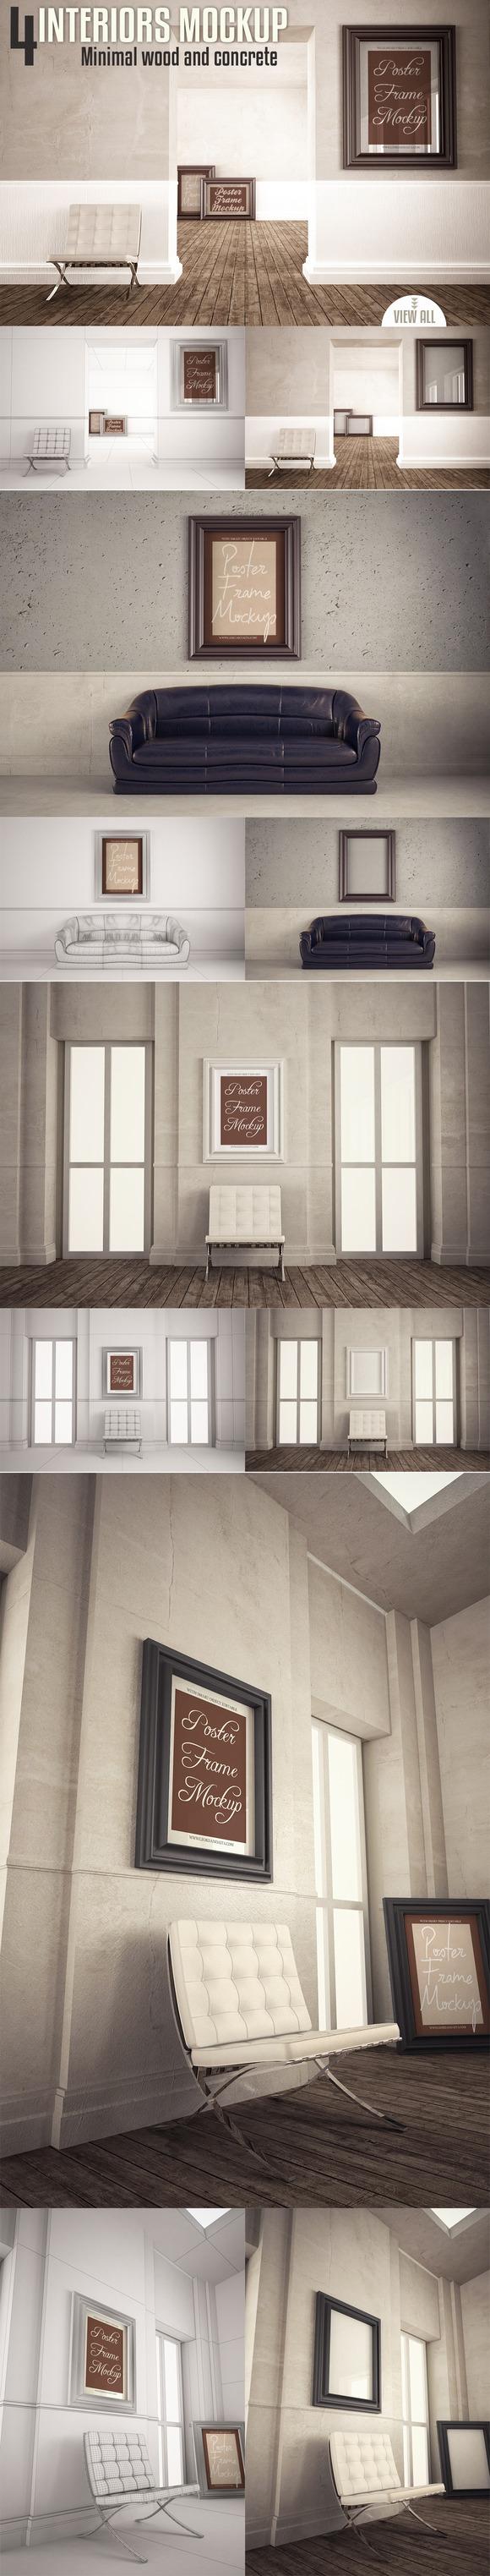 Interiors Mock-up Vol 4